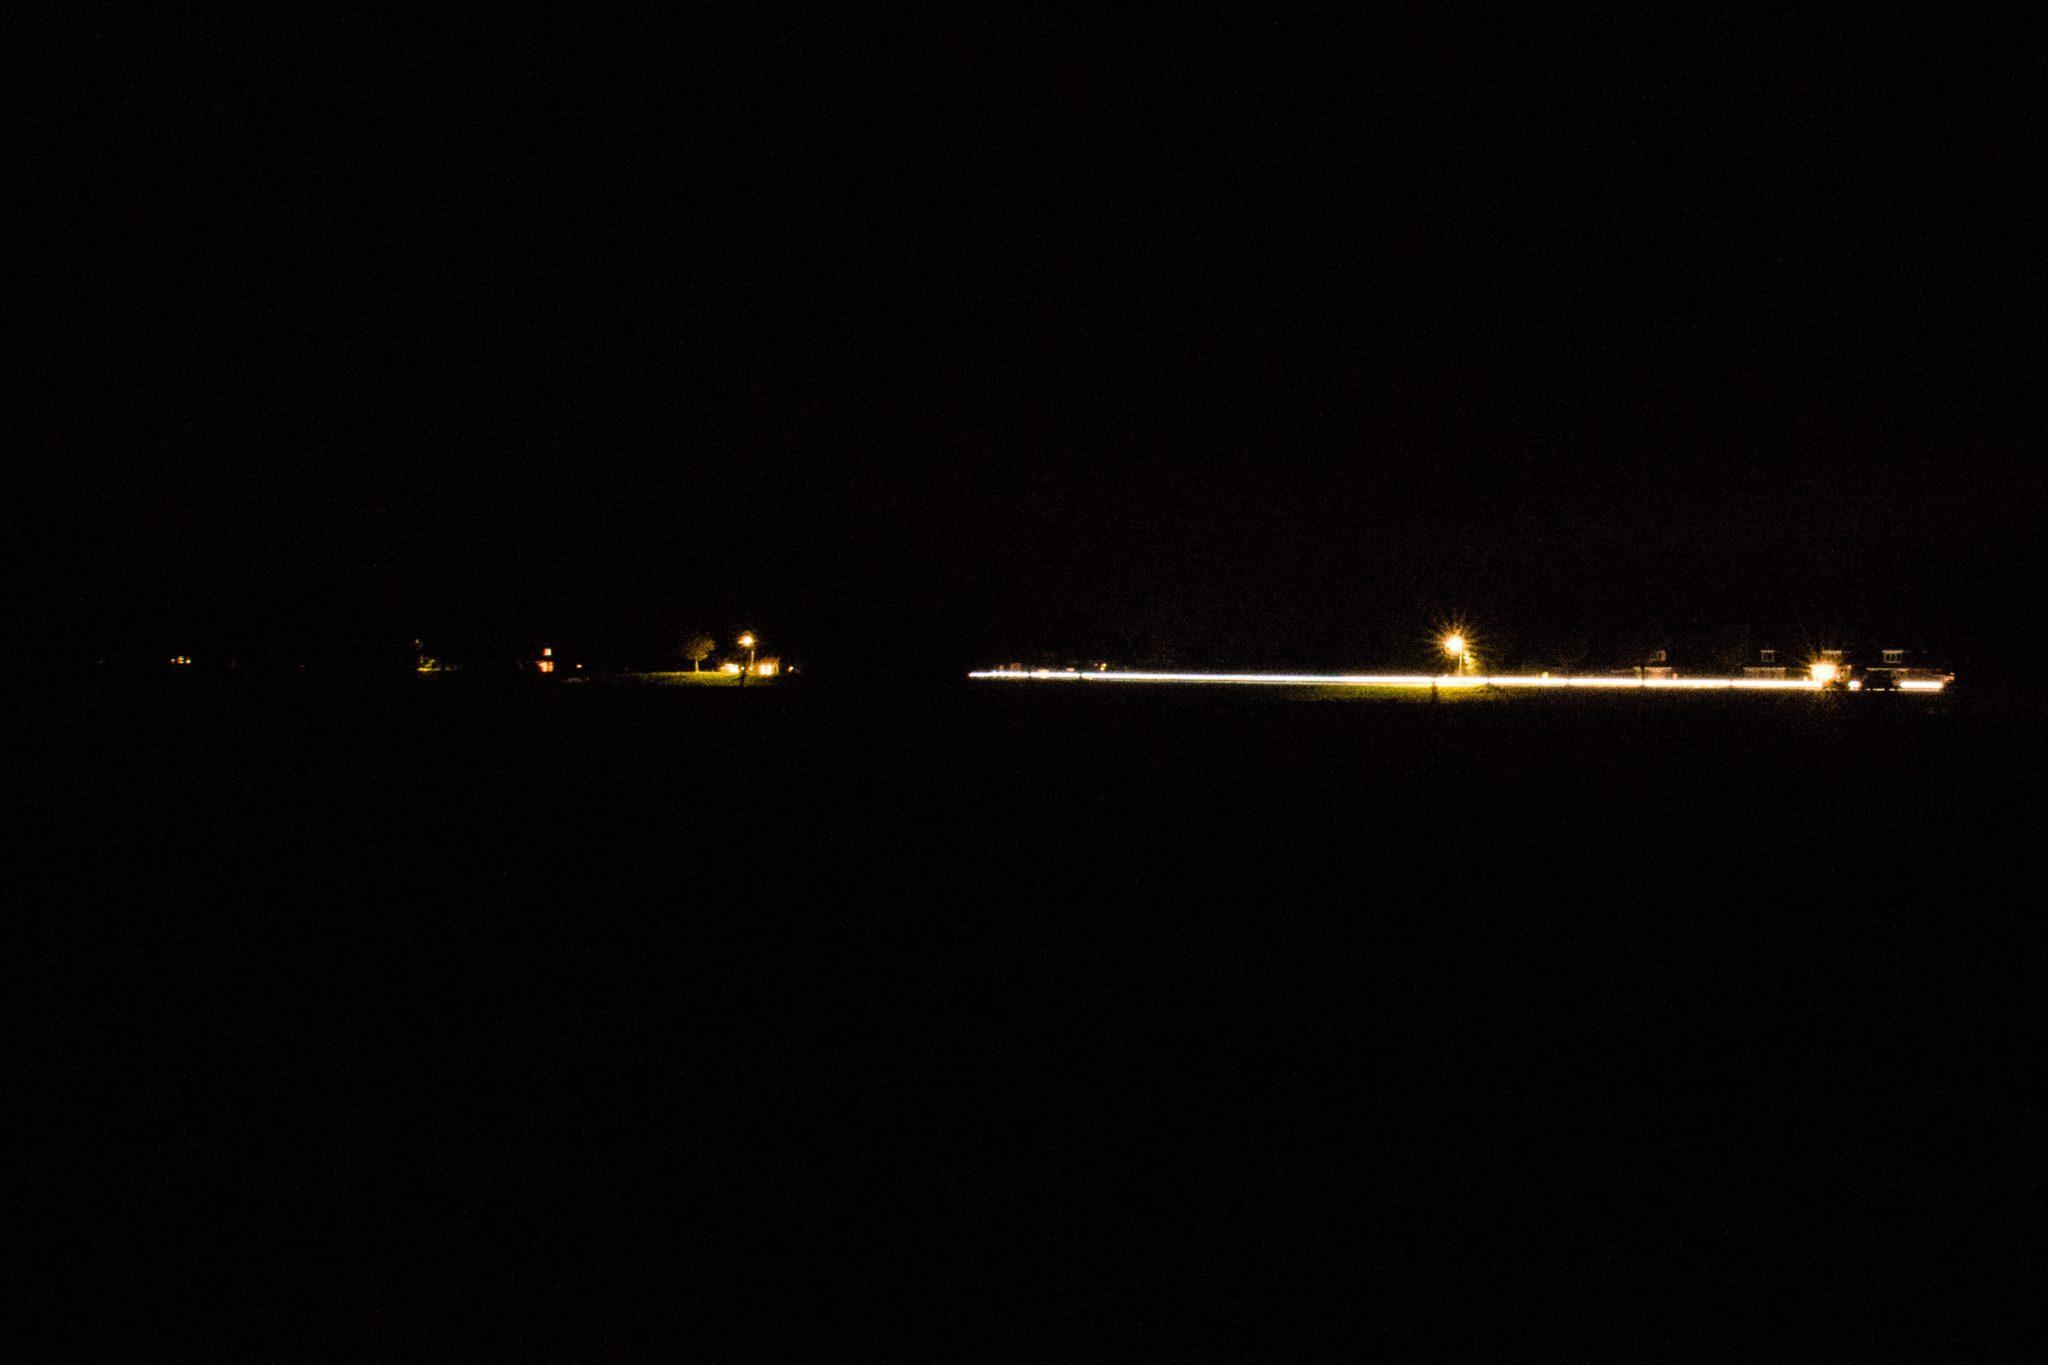 Friesland by night: de definitie van rust en stilte.